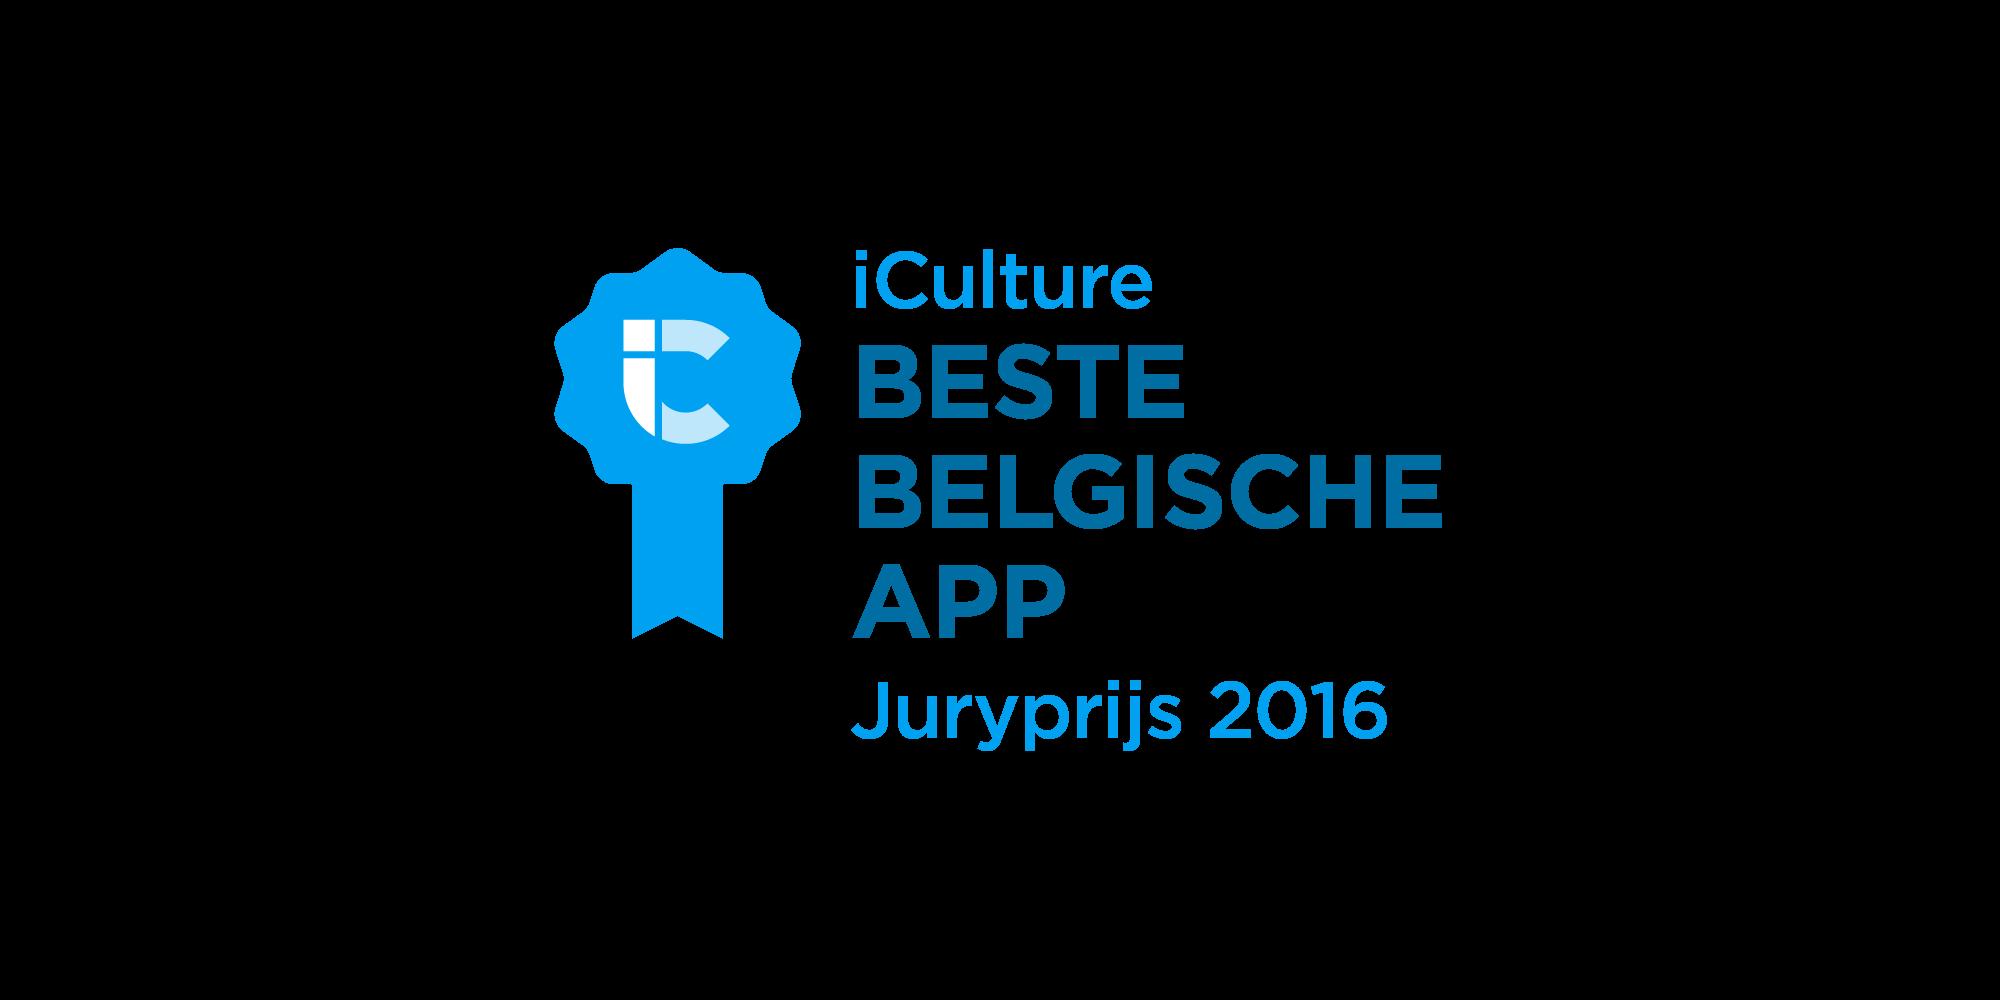 iCulture Beste Belgische App 2016